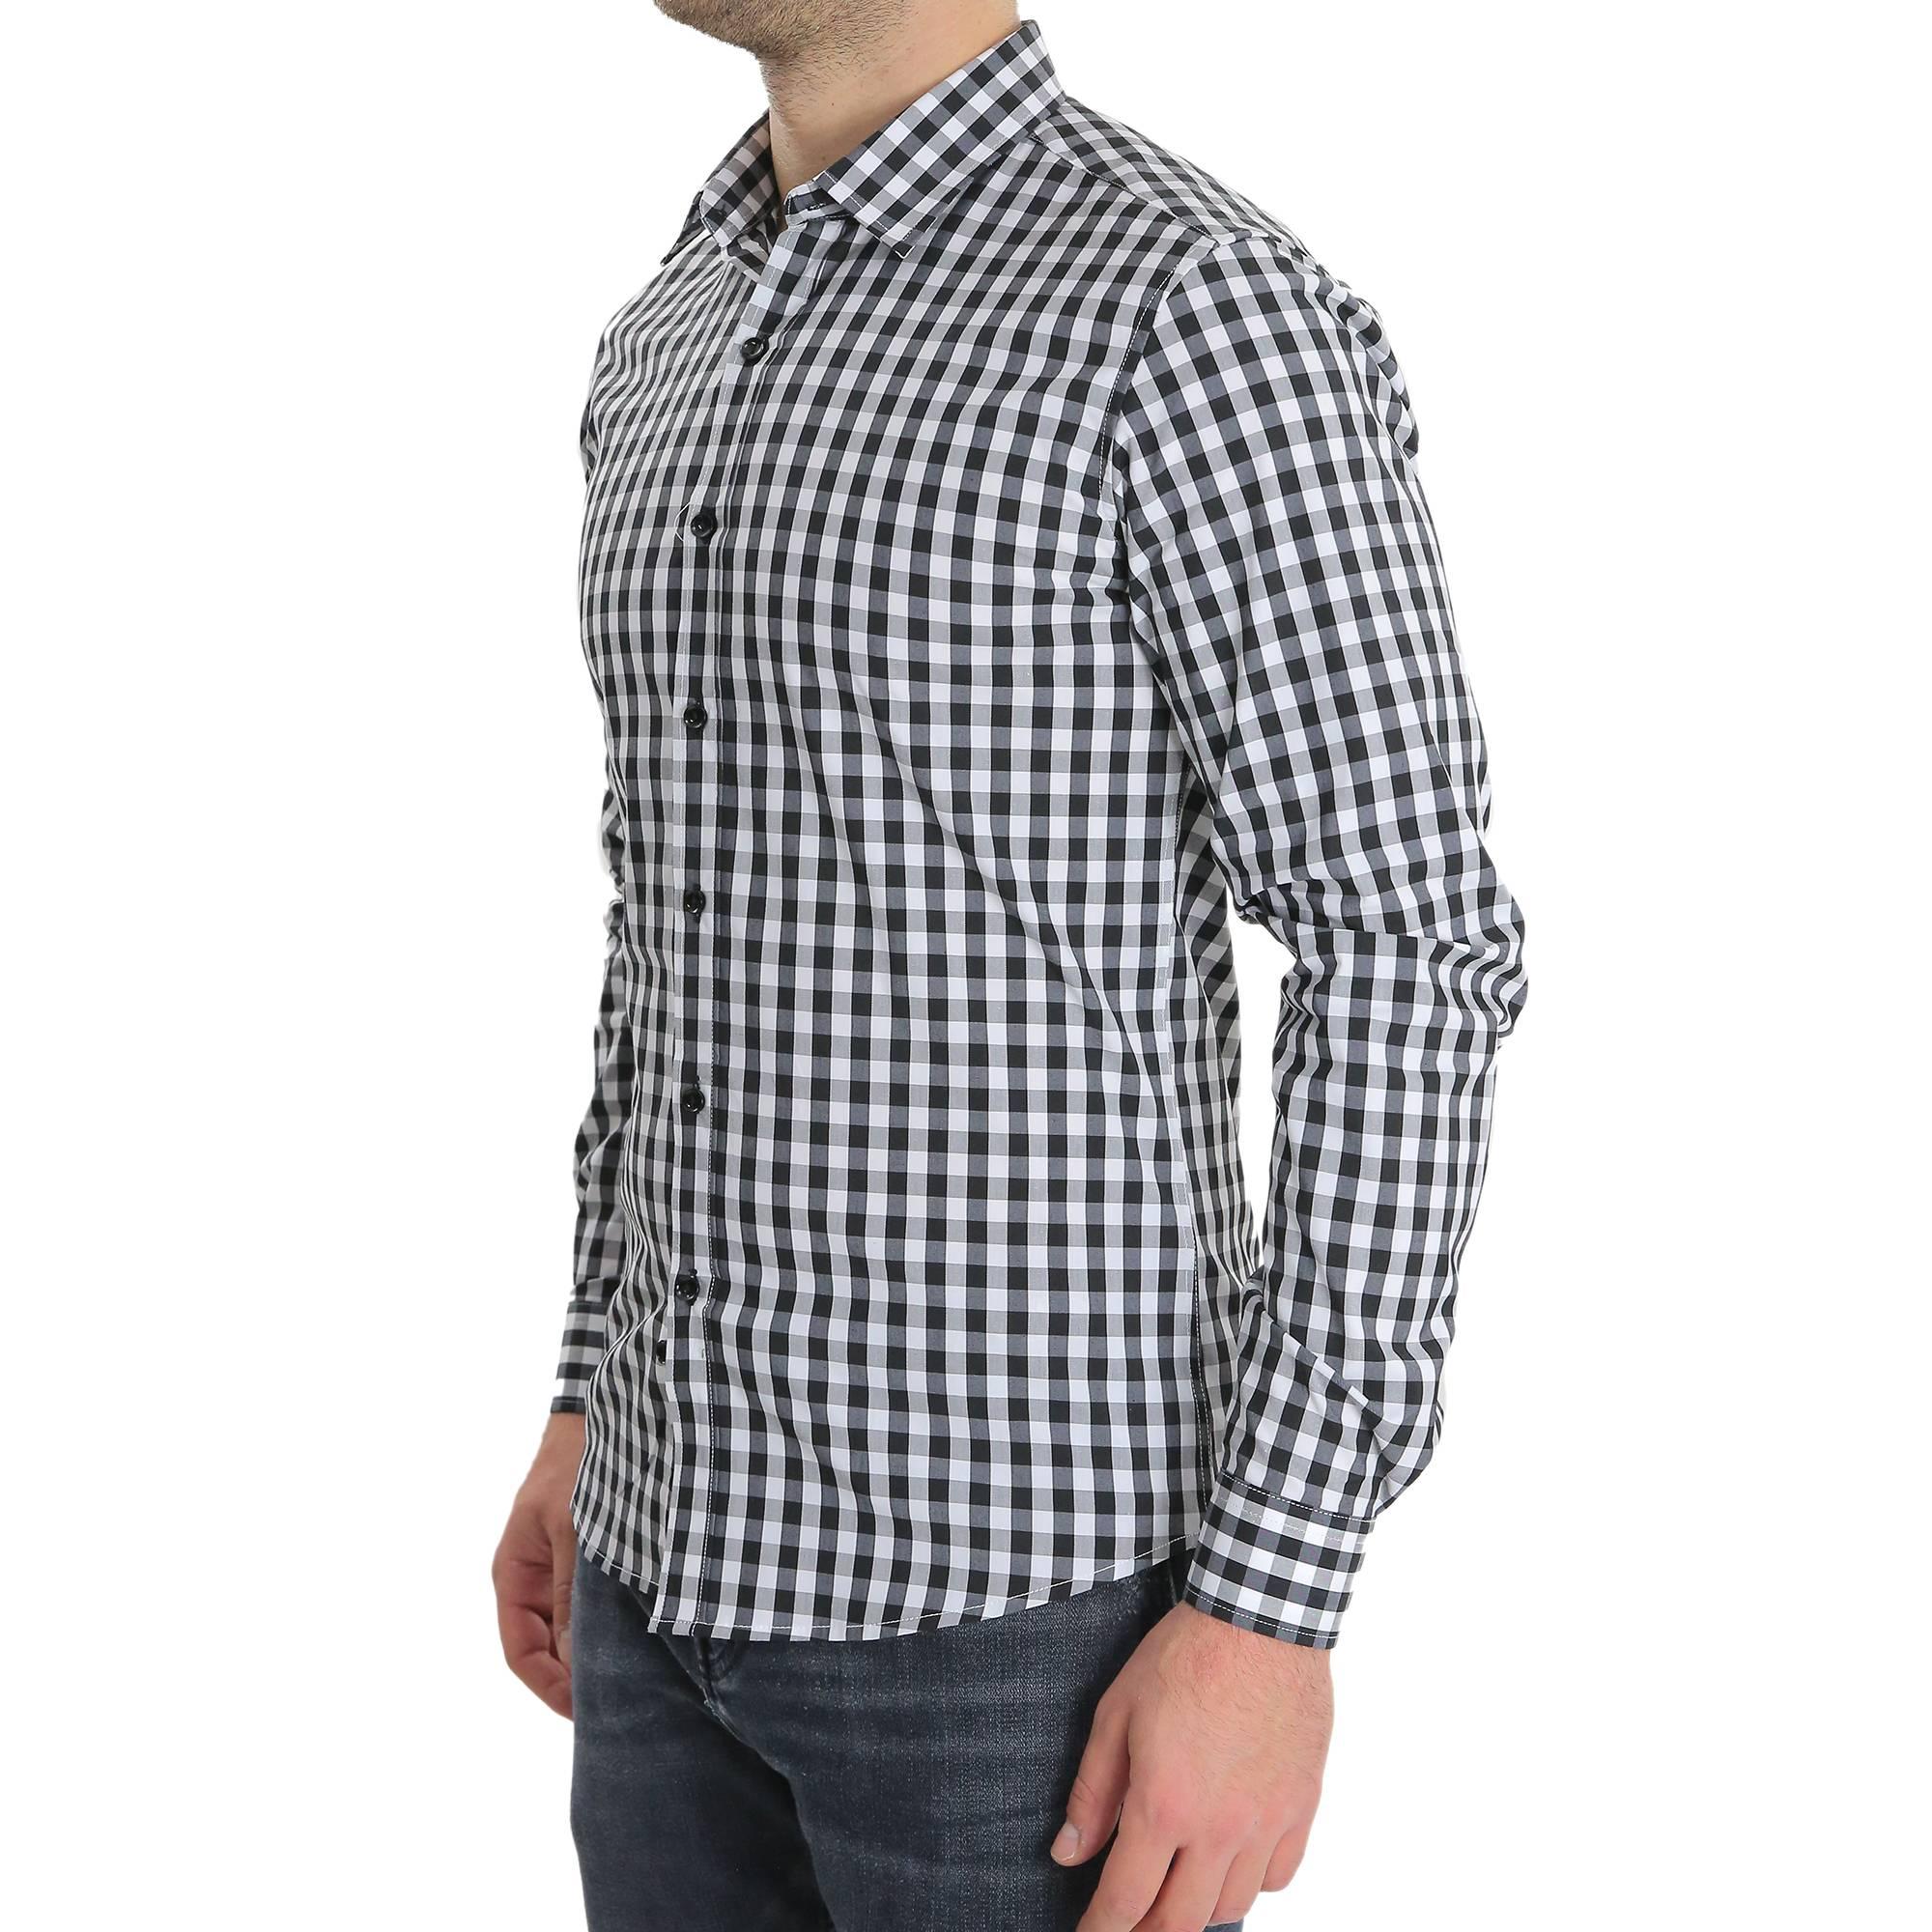 Camicia-Uomo-Cotone-Quadretti-Casual-Slim-Fit-Quadri-Scozzese-Manica-Lunga miniatura 10